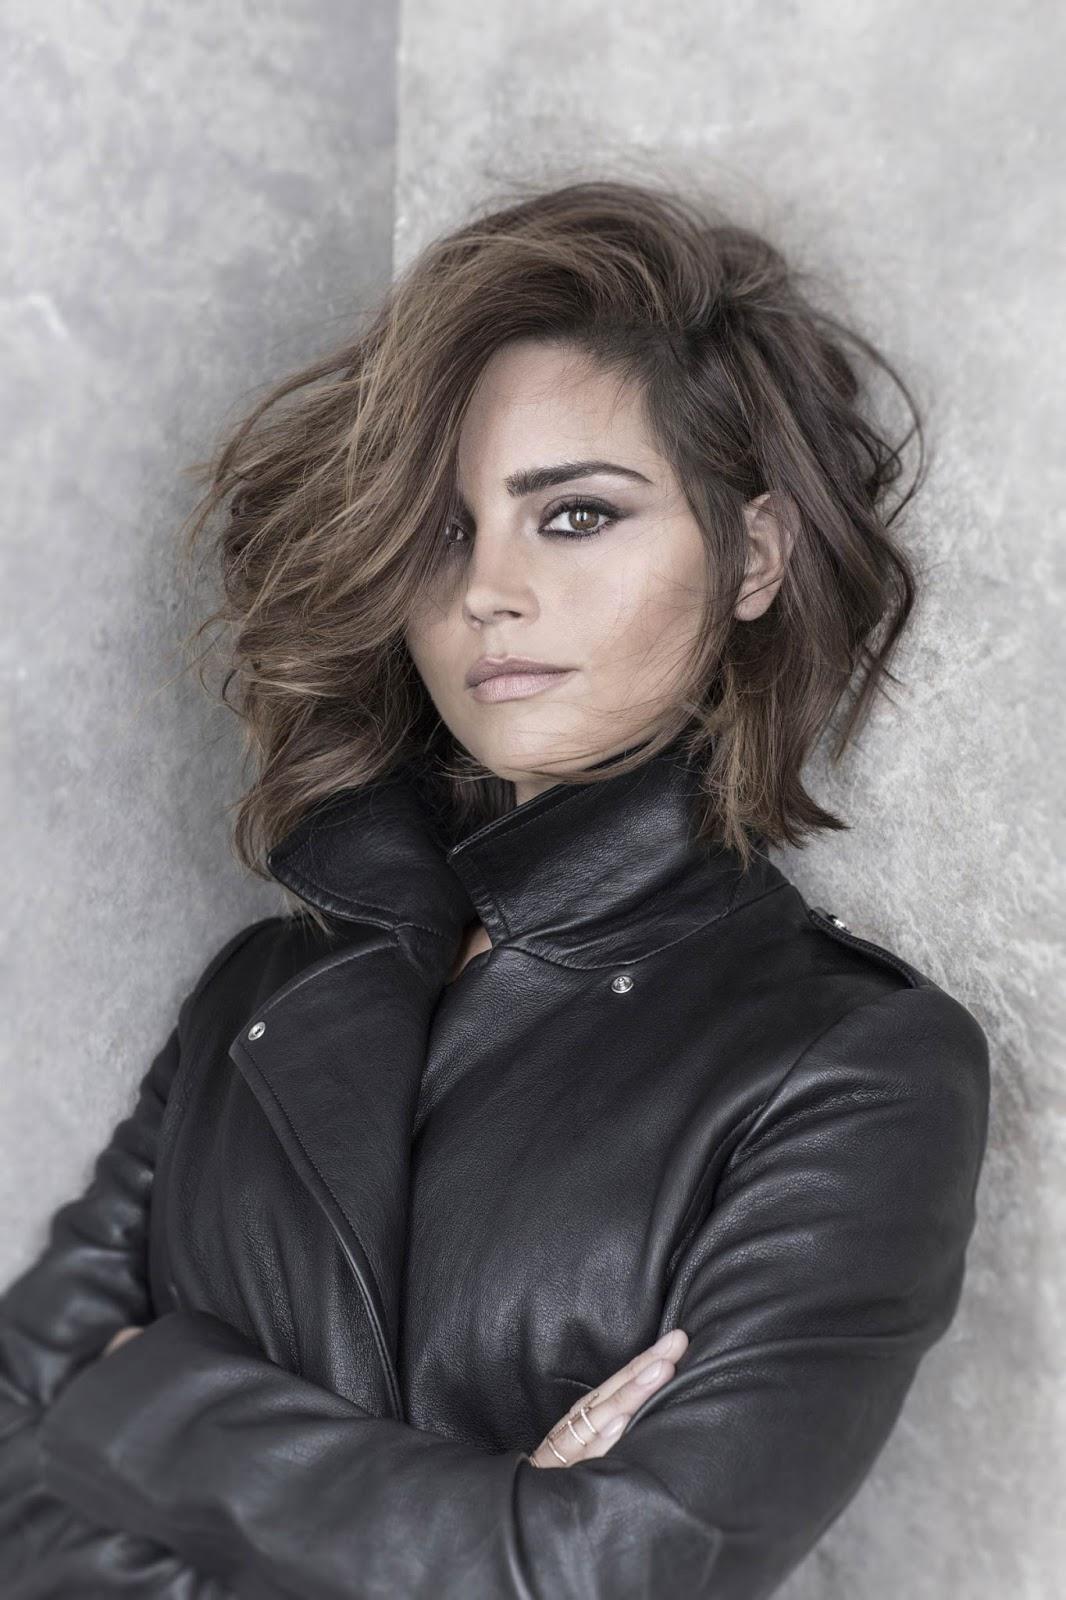 Leather jacket photoshoot - Tuesday 6 October 2015